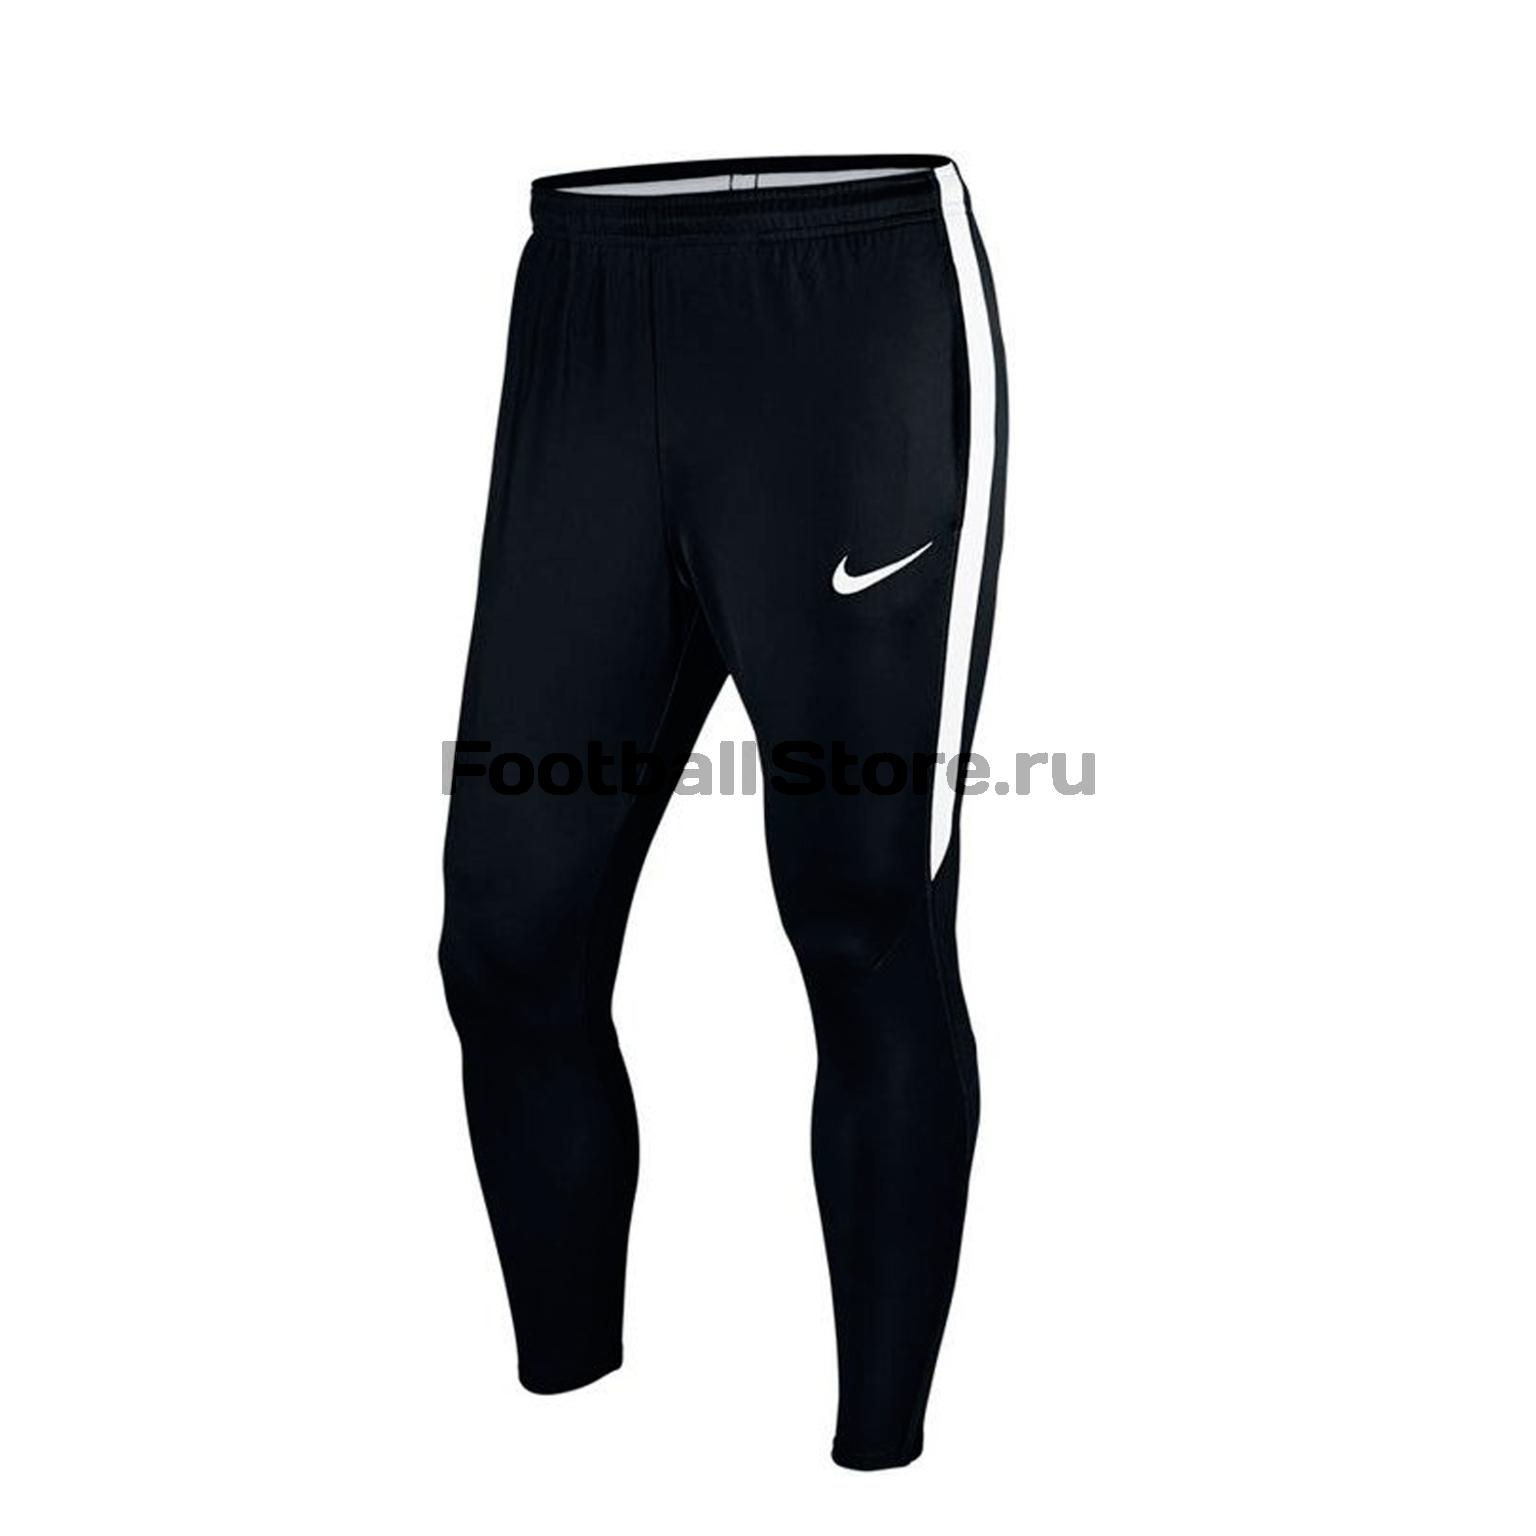 цены Брюки тренировочные Nike Dry SQD Pant KPZ 832276-010S